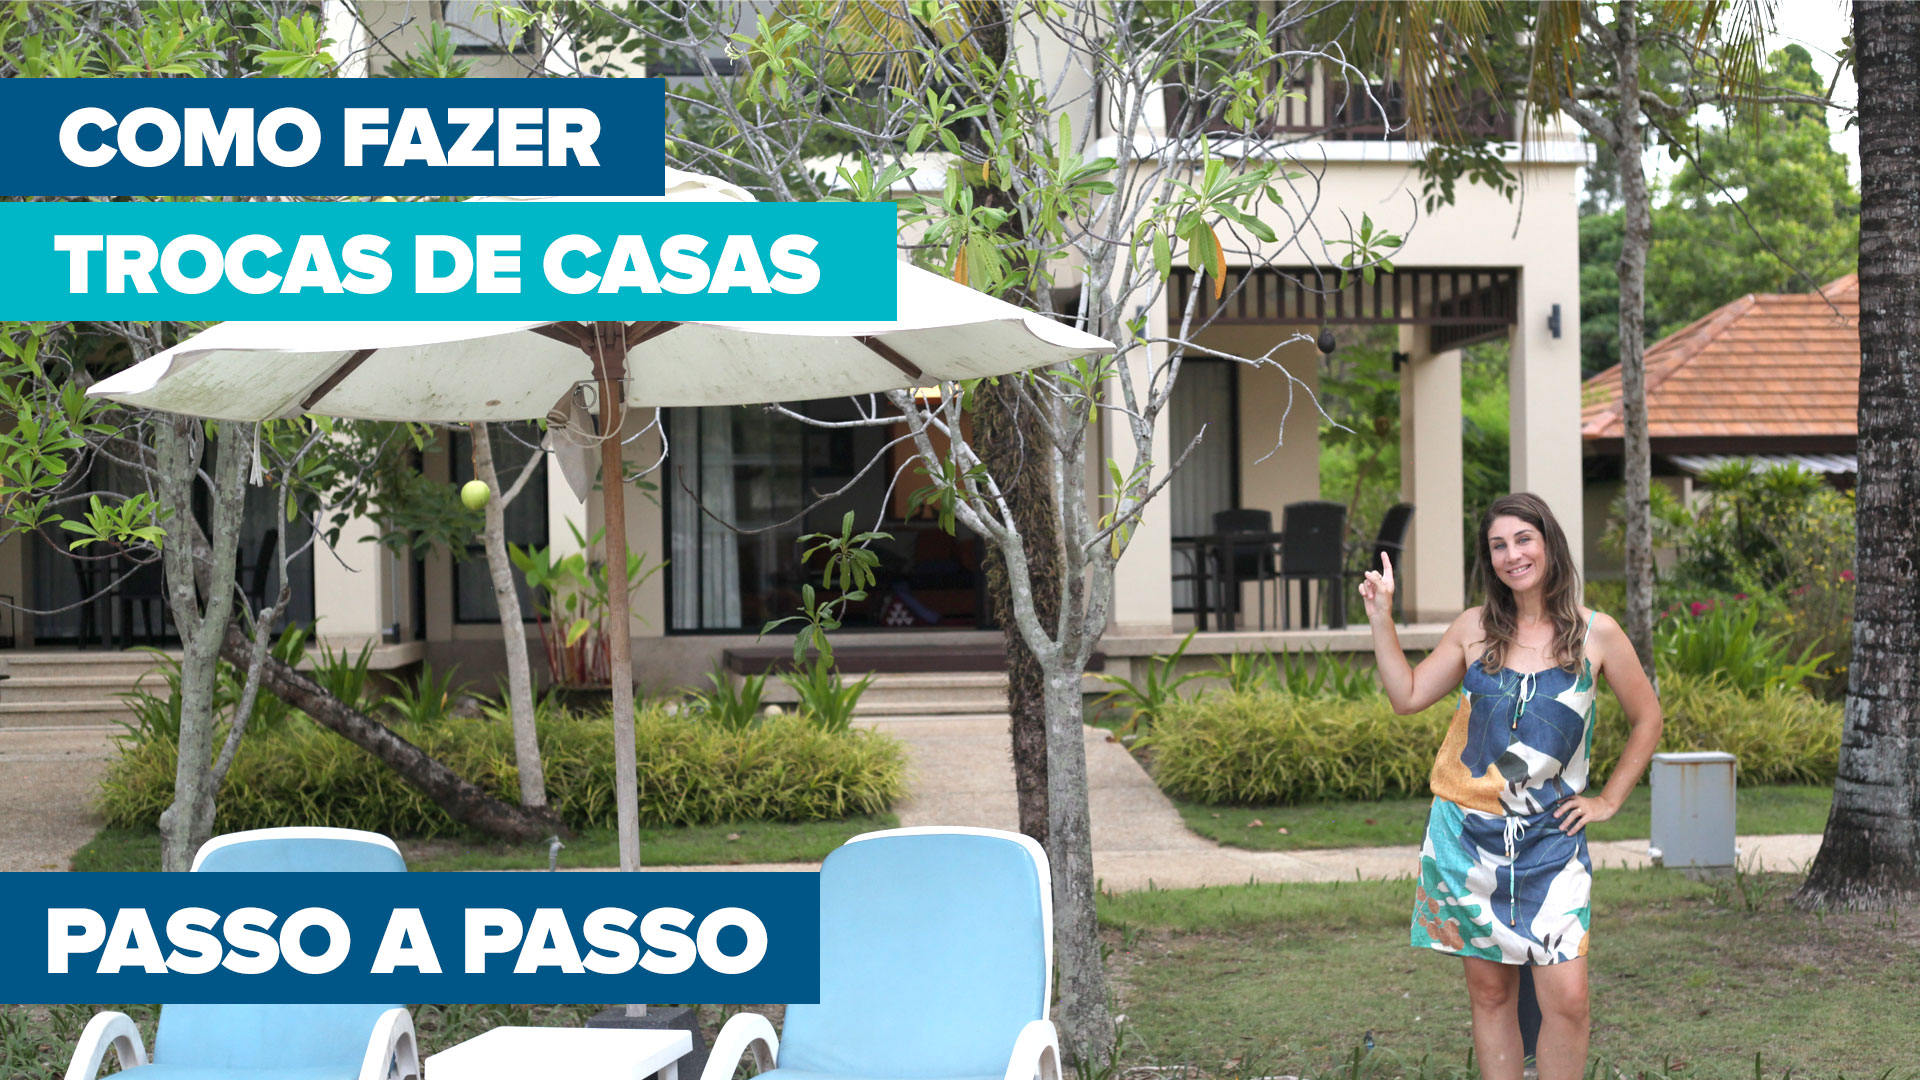 Troca de Casas Home Exchange